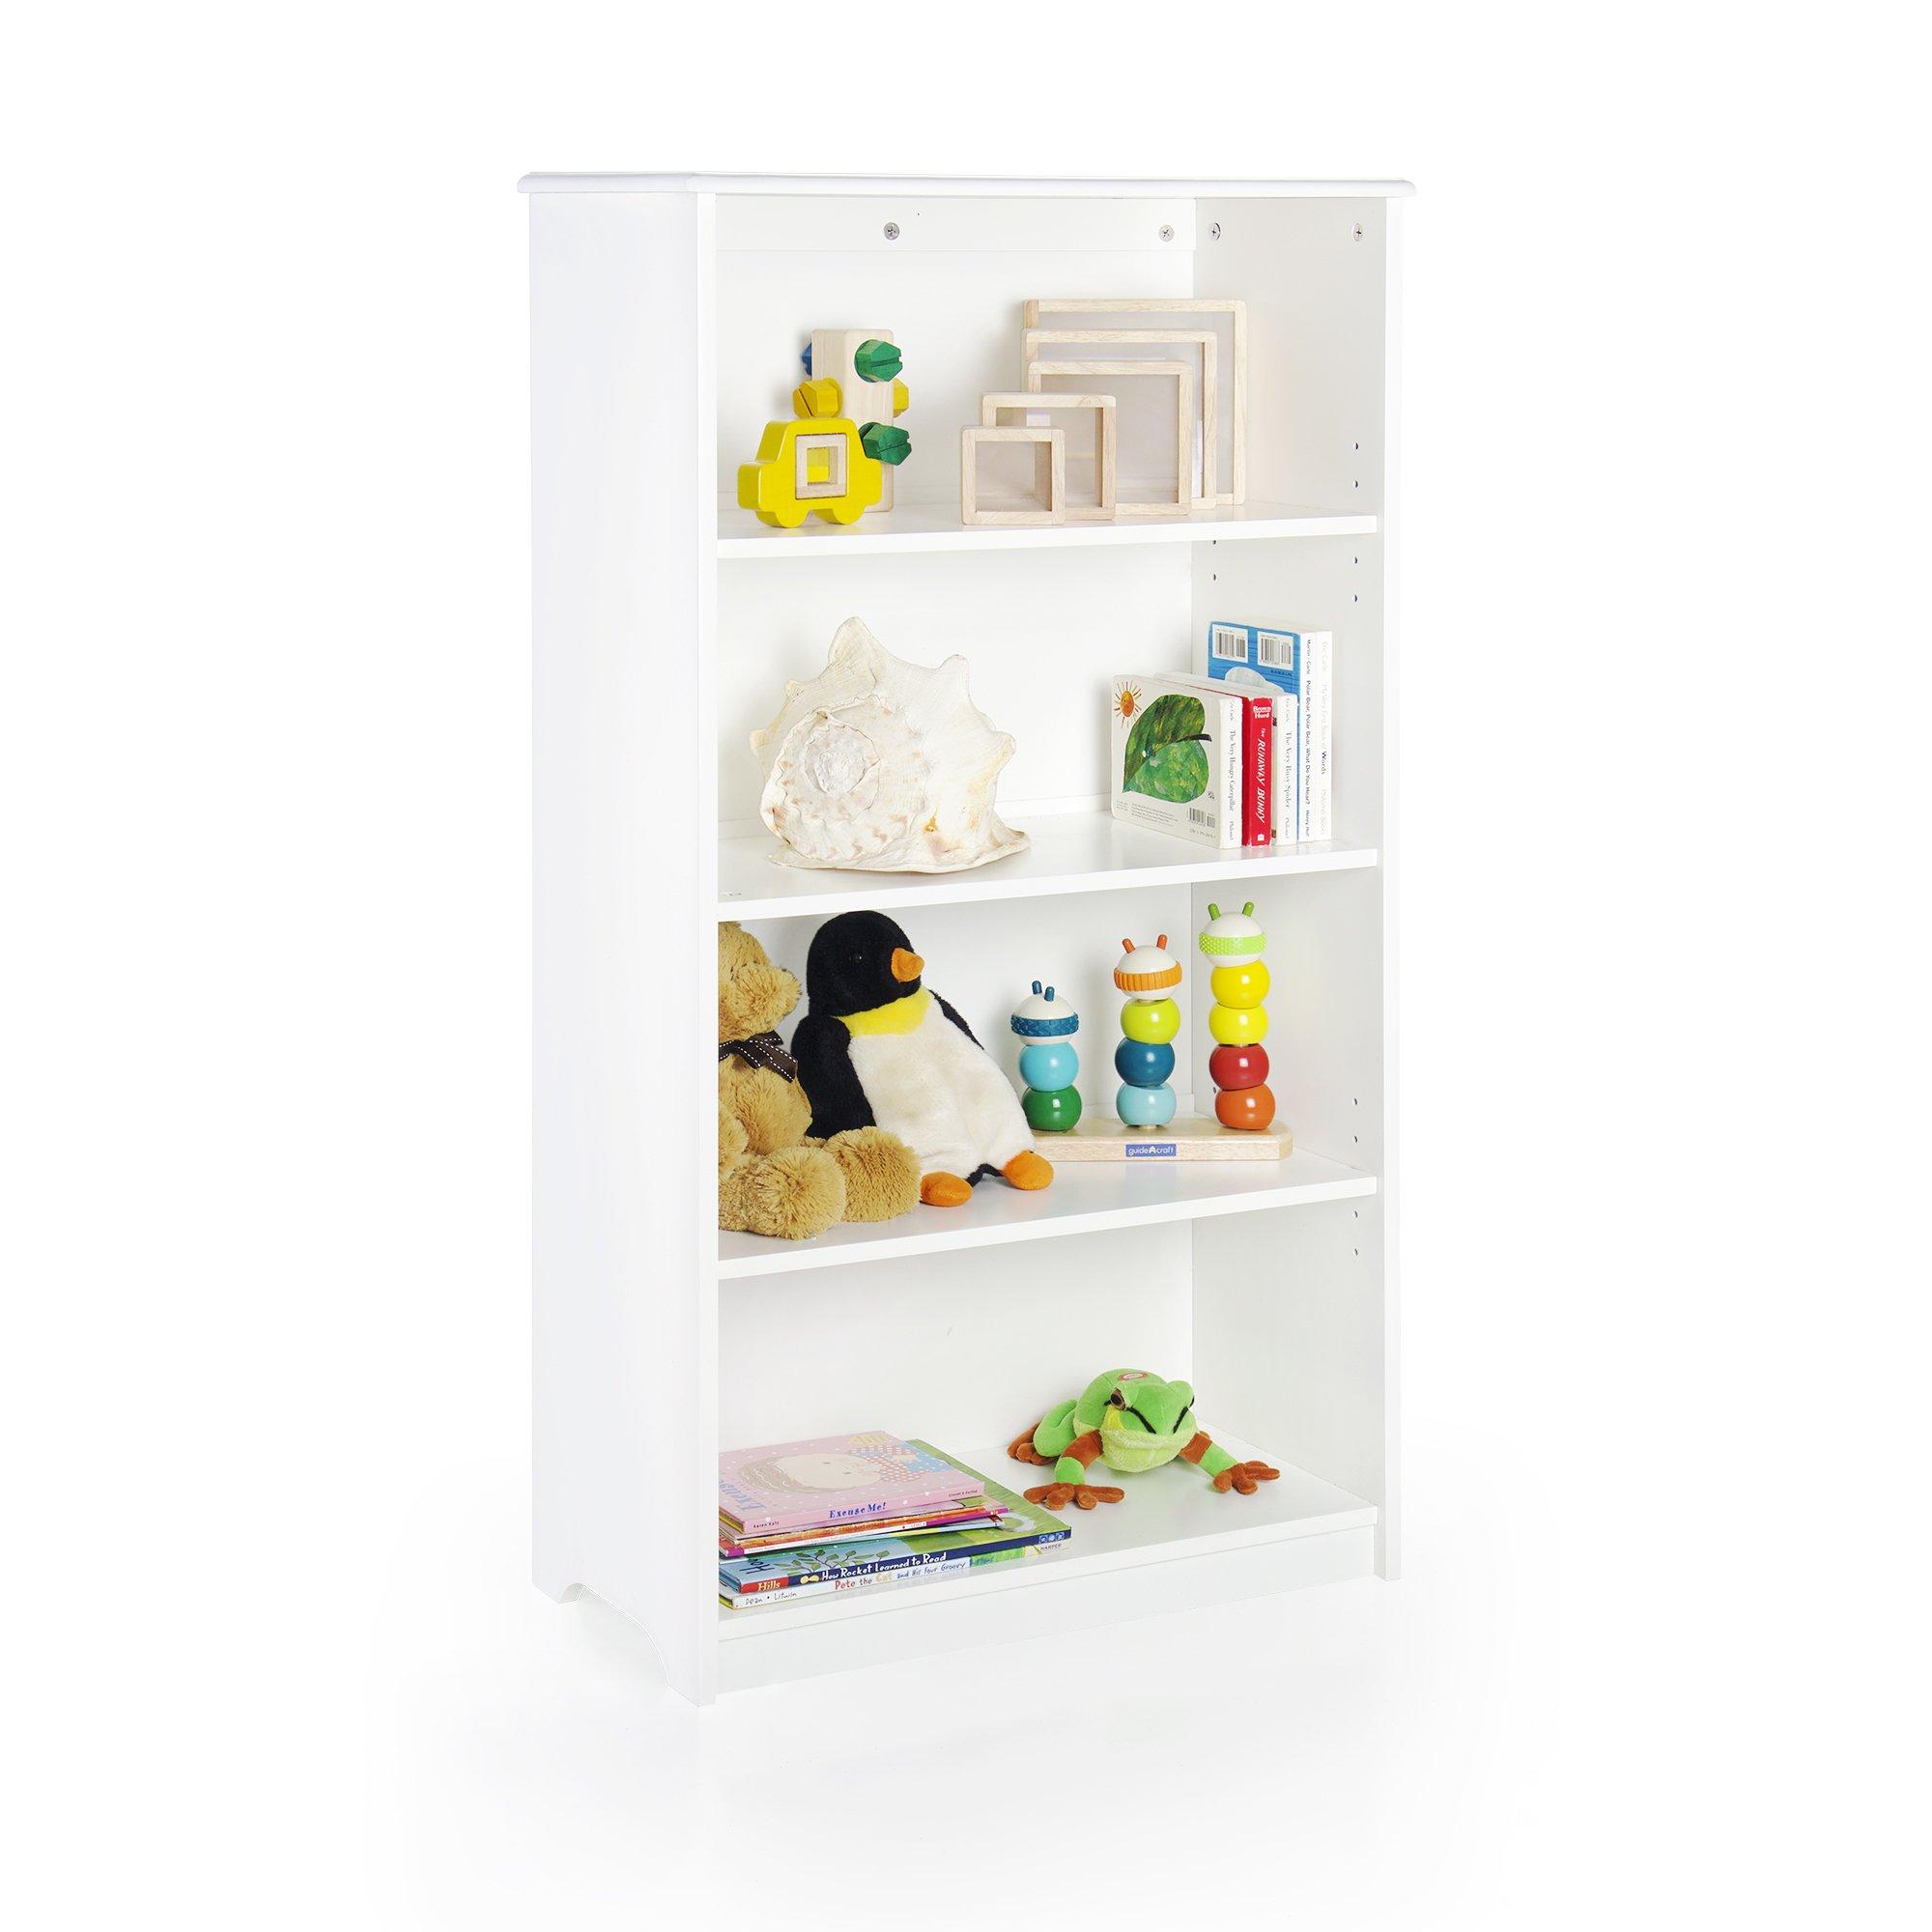 Guidecraft Classic 48'' Bookshelf - White: Storage Book Rack Kids School Furniture